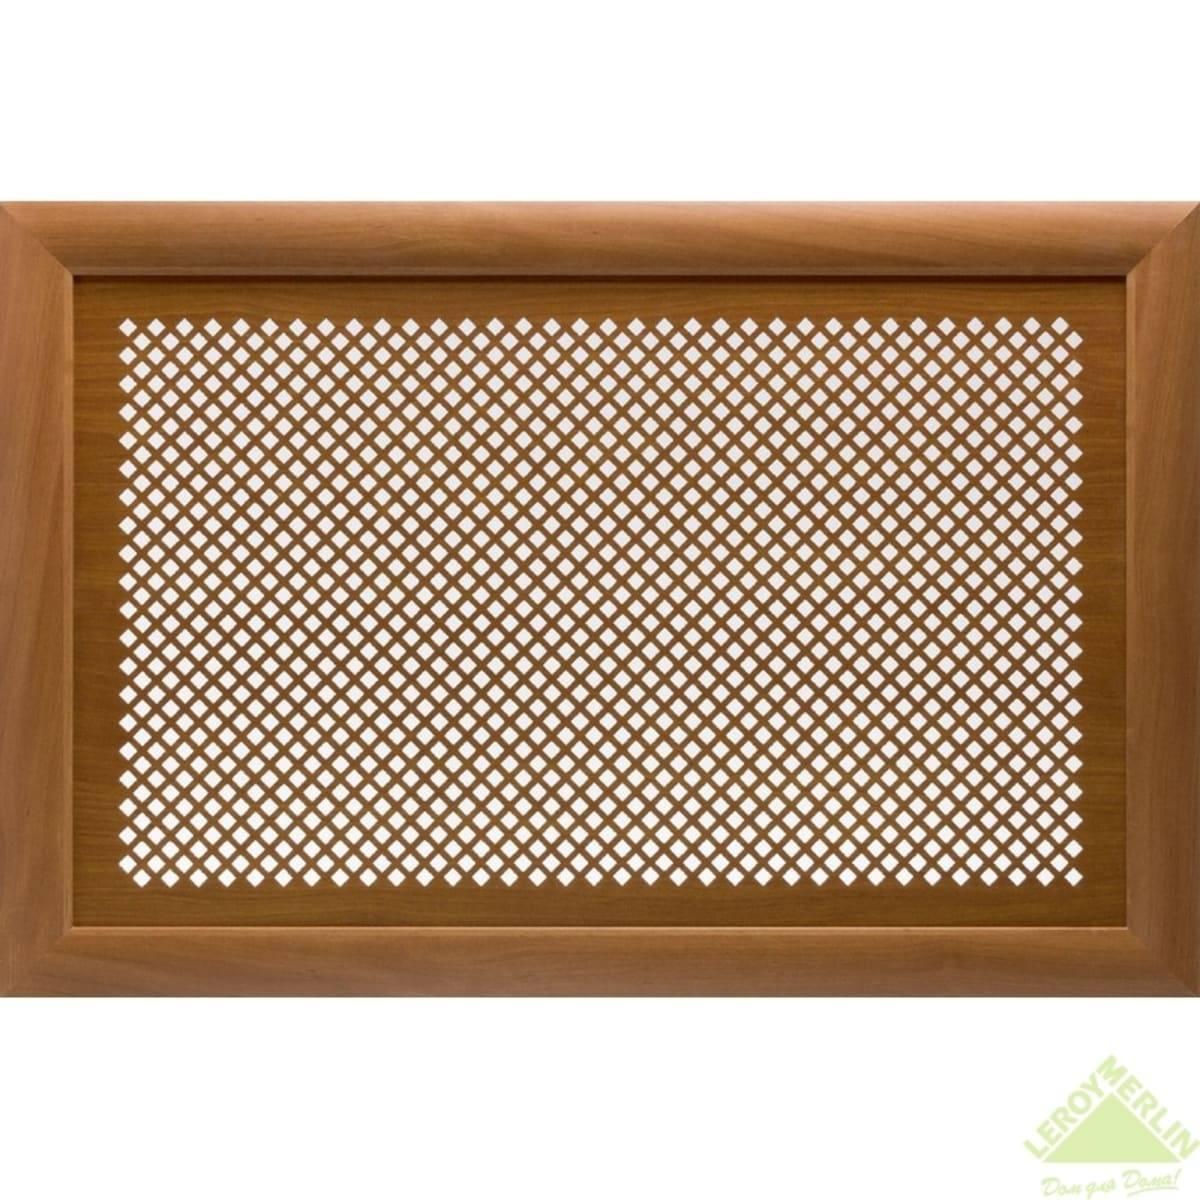 Виды решеток для радиаторов и батарей отопления: декоративные, деревянные, пластиковые